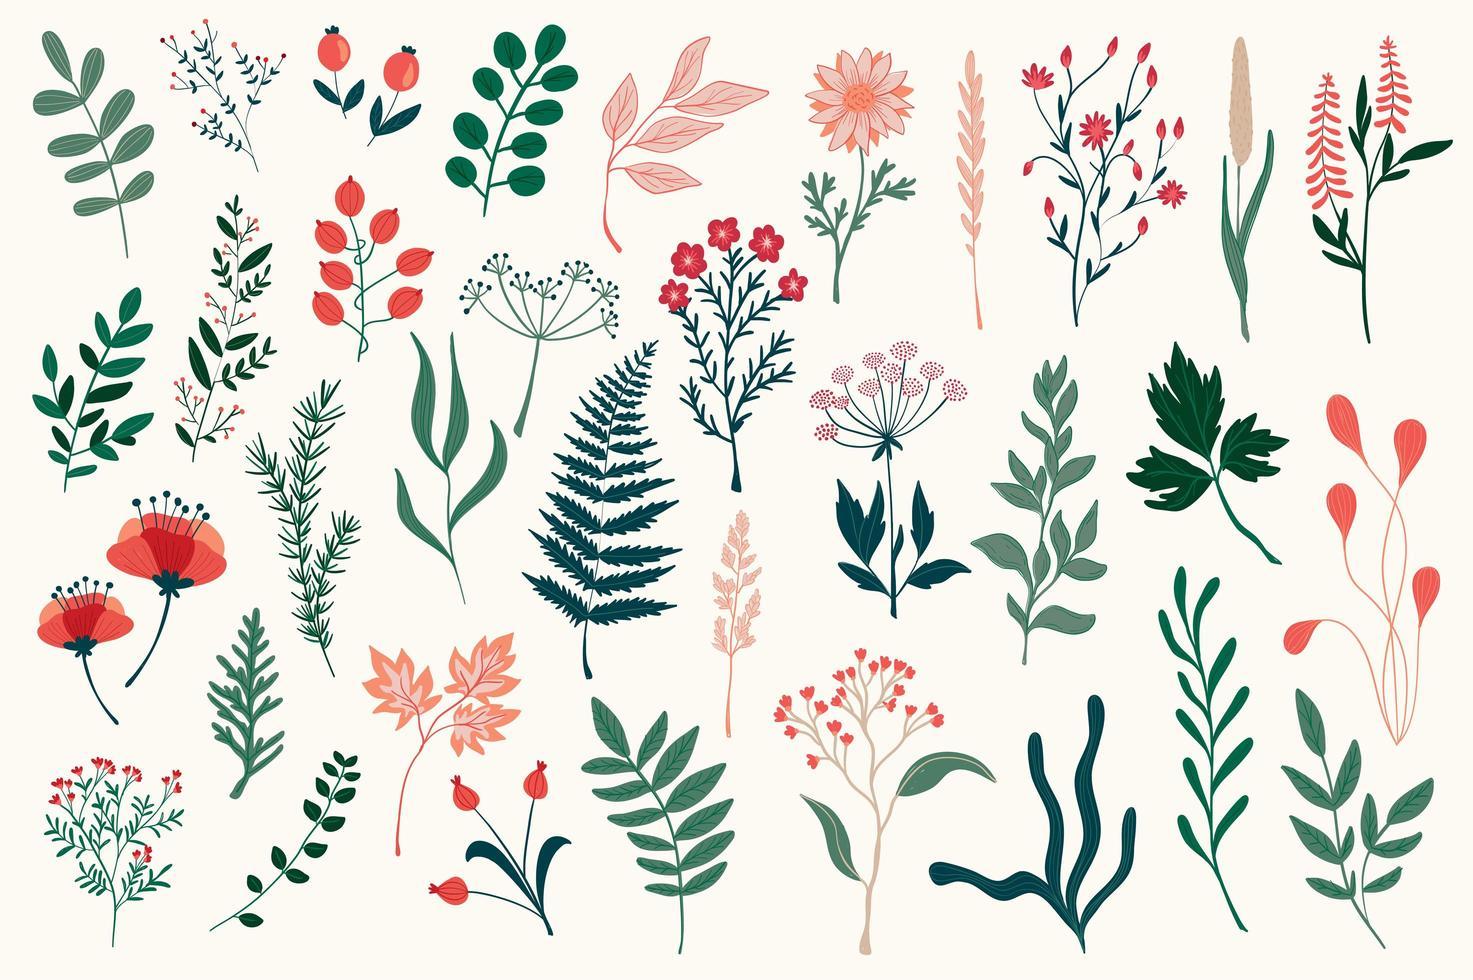 lot d'éléments décoratifs floraux colorés vecteur